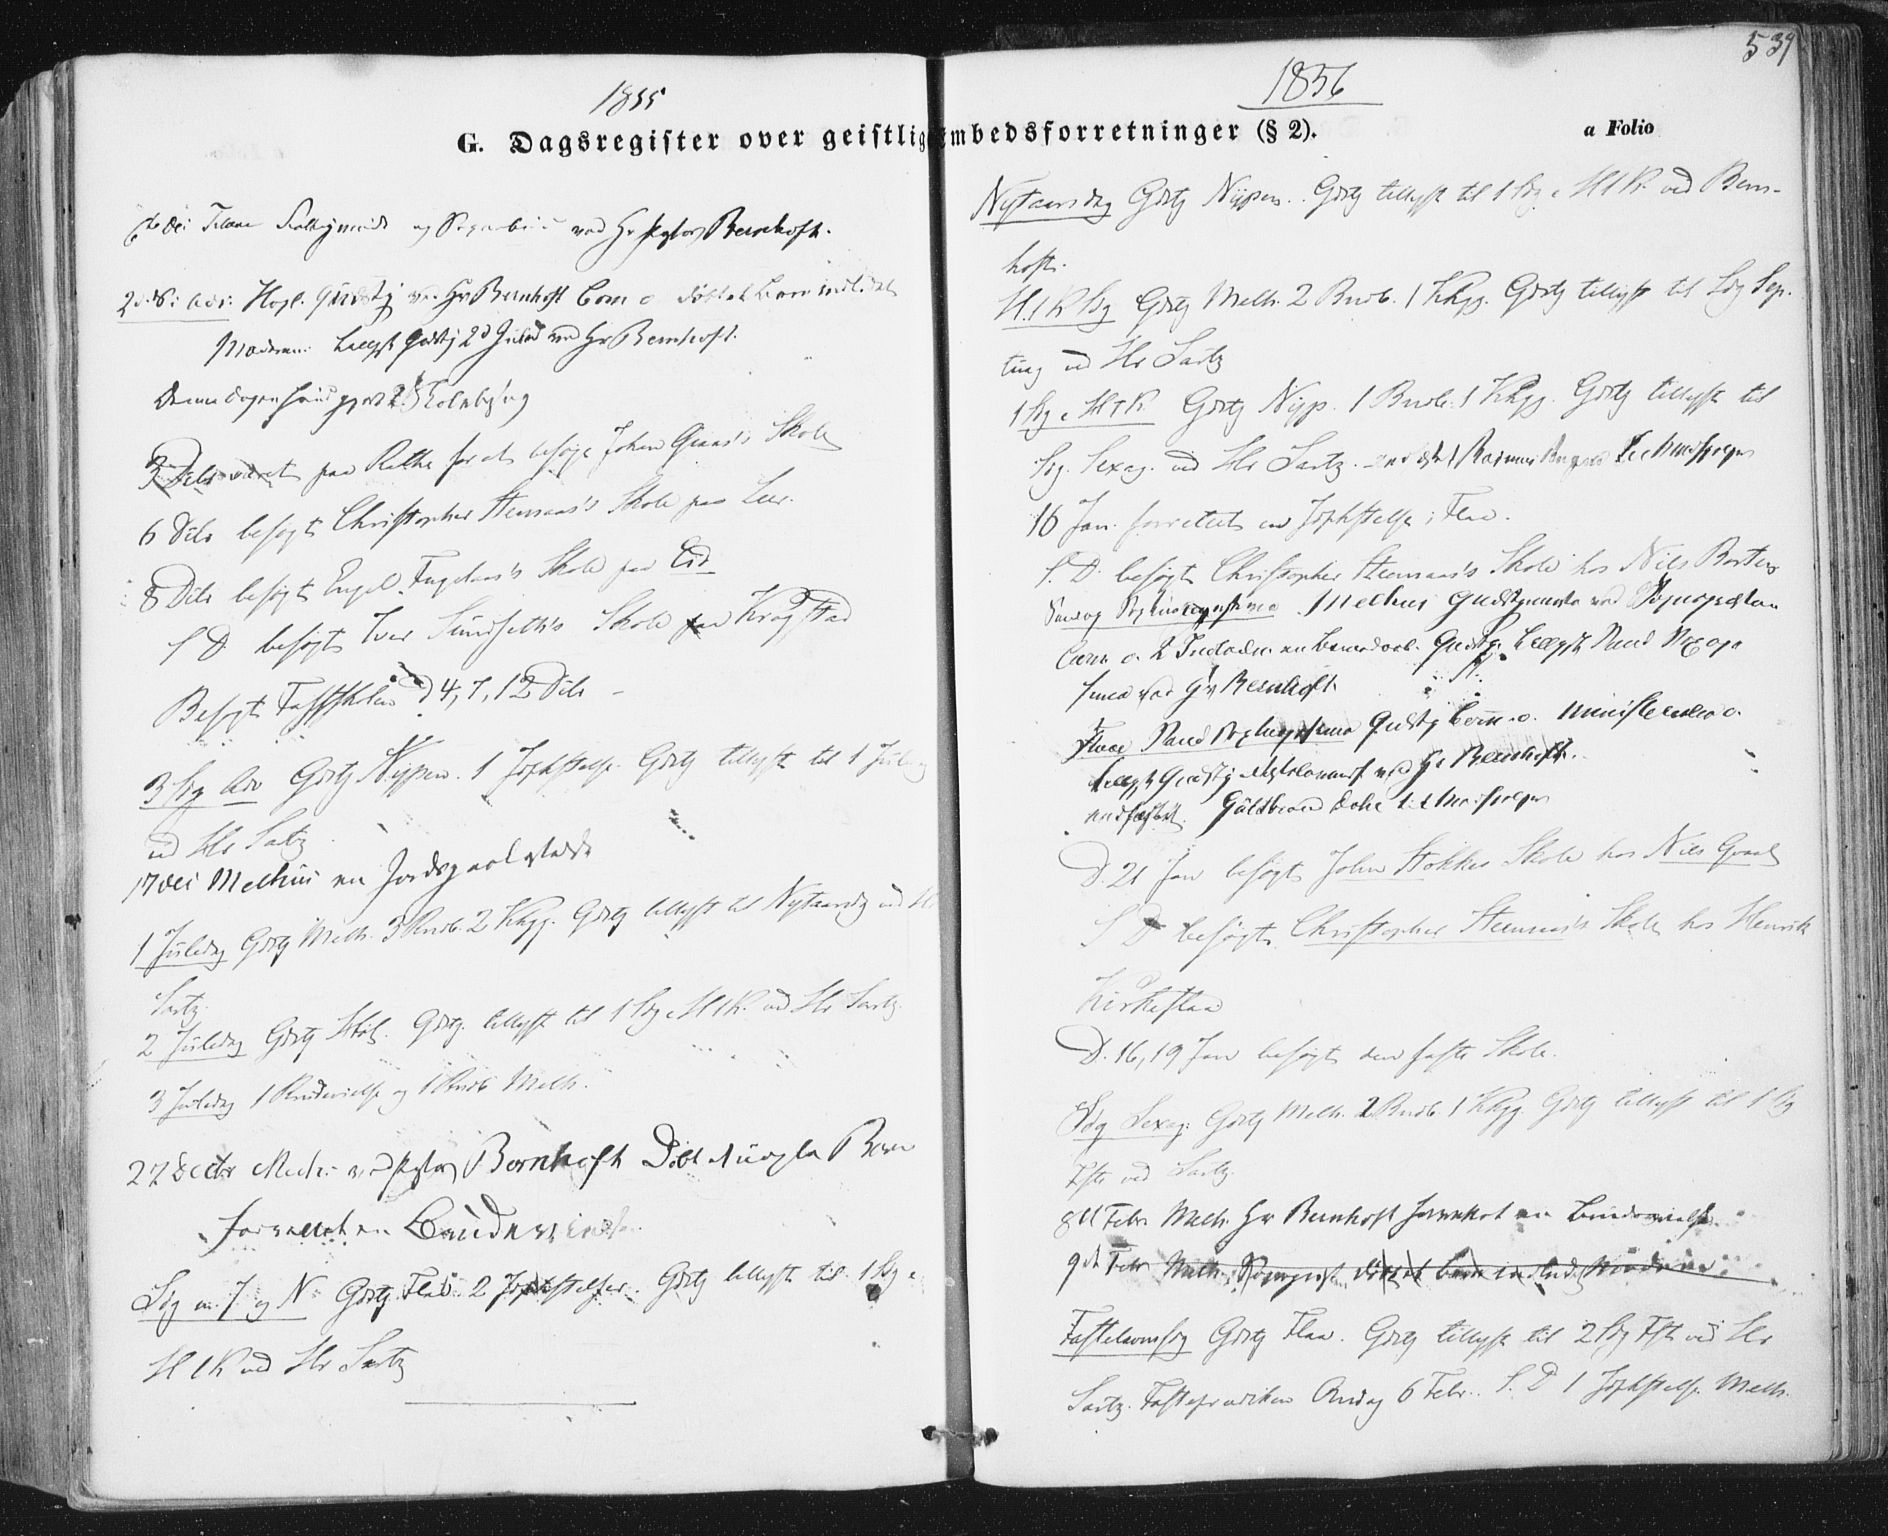 SAT, Ministerialprotokoller, klokkerbøker og fødselsregistre - Sør-Trøndelag, 691/L1076: Ministerialbok nr. 691A08, 1852-1861, s. 539